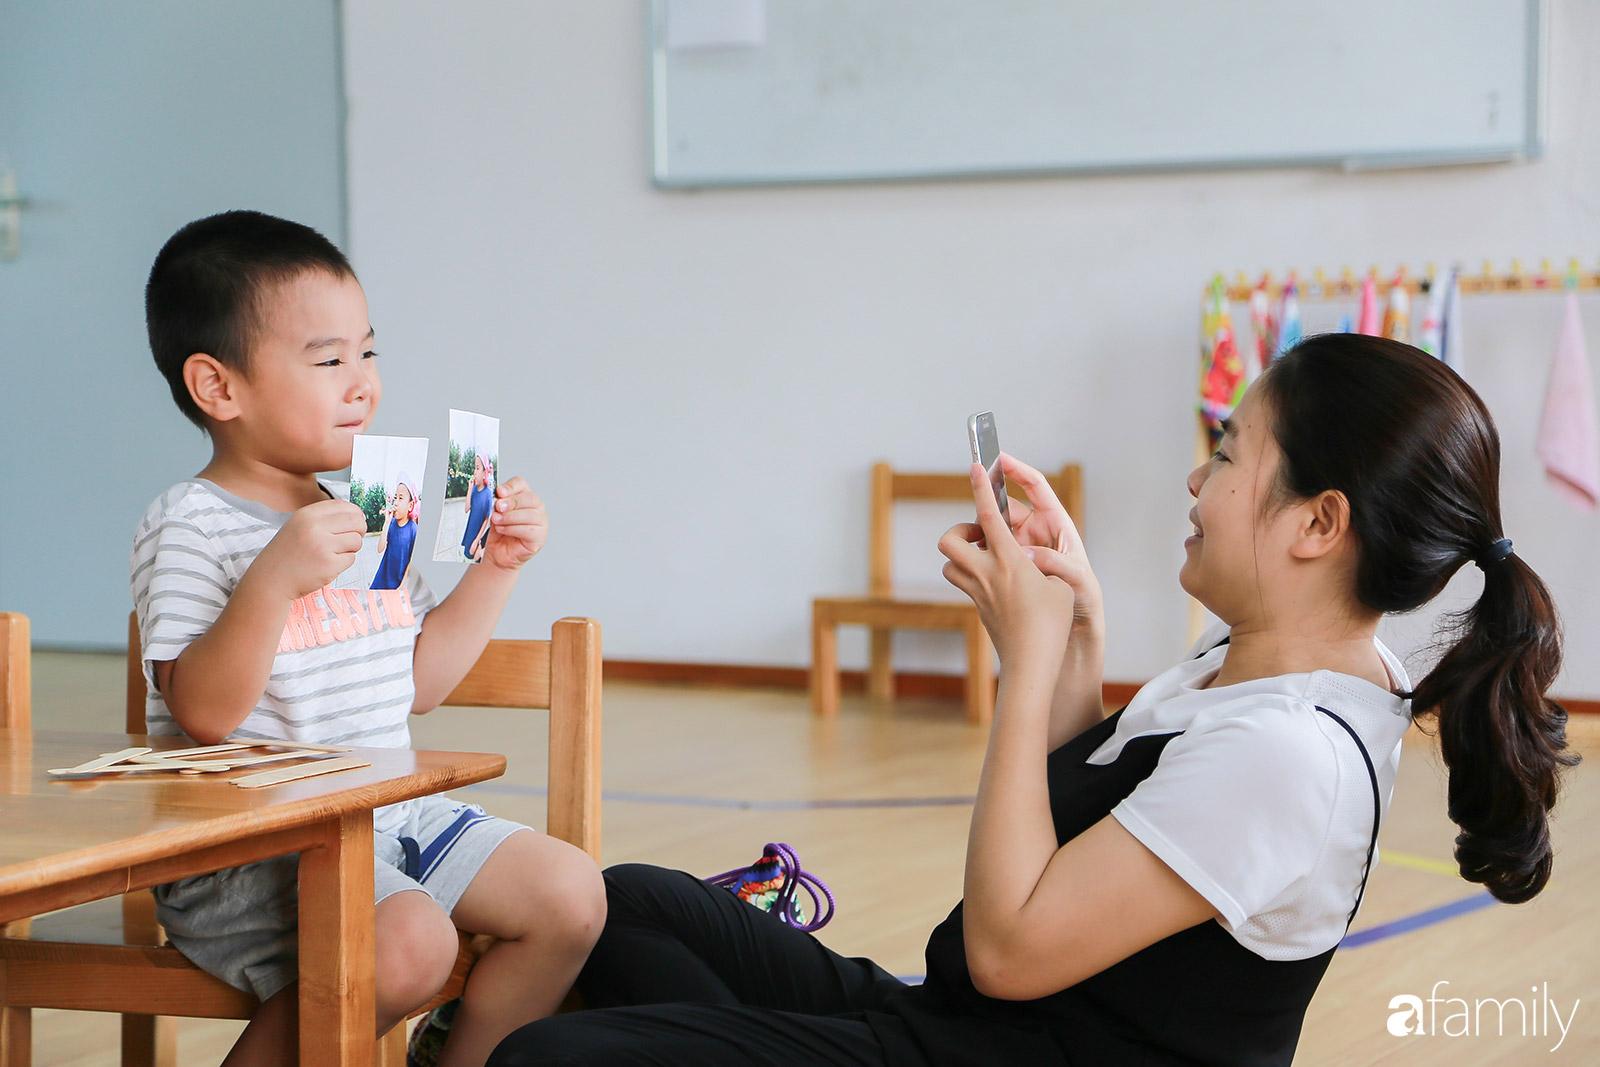 Đi học để tìm ra hạnh phúc - Điều đã đốn tim tôi khi đến thăm một ngôi trường chuẩn Nhật tại Hà Nội - Ảnh 13.